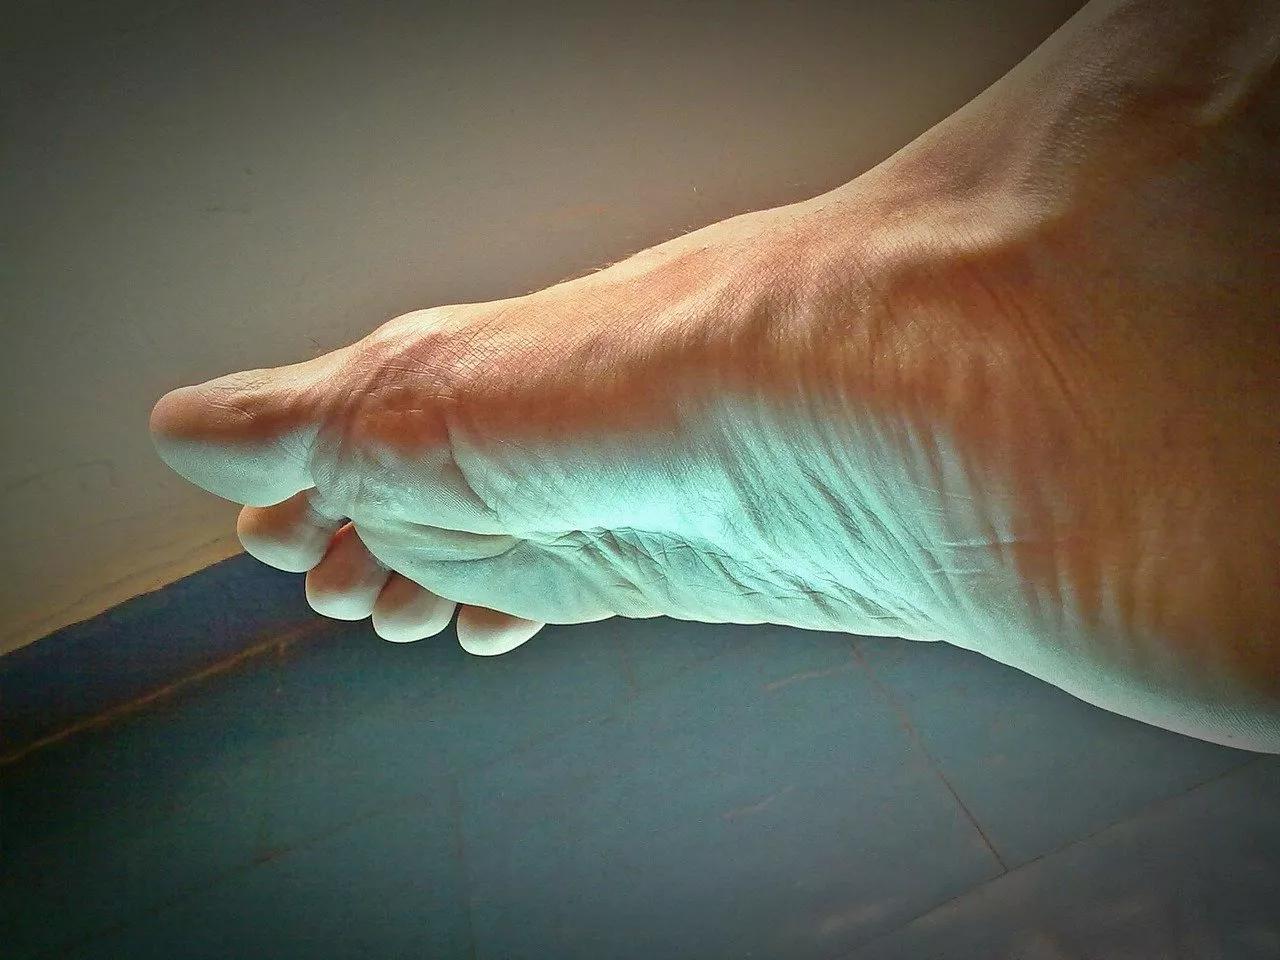 חיזוק שרירי כף הרגל